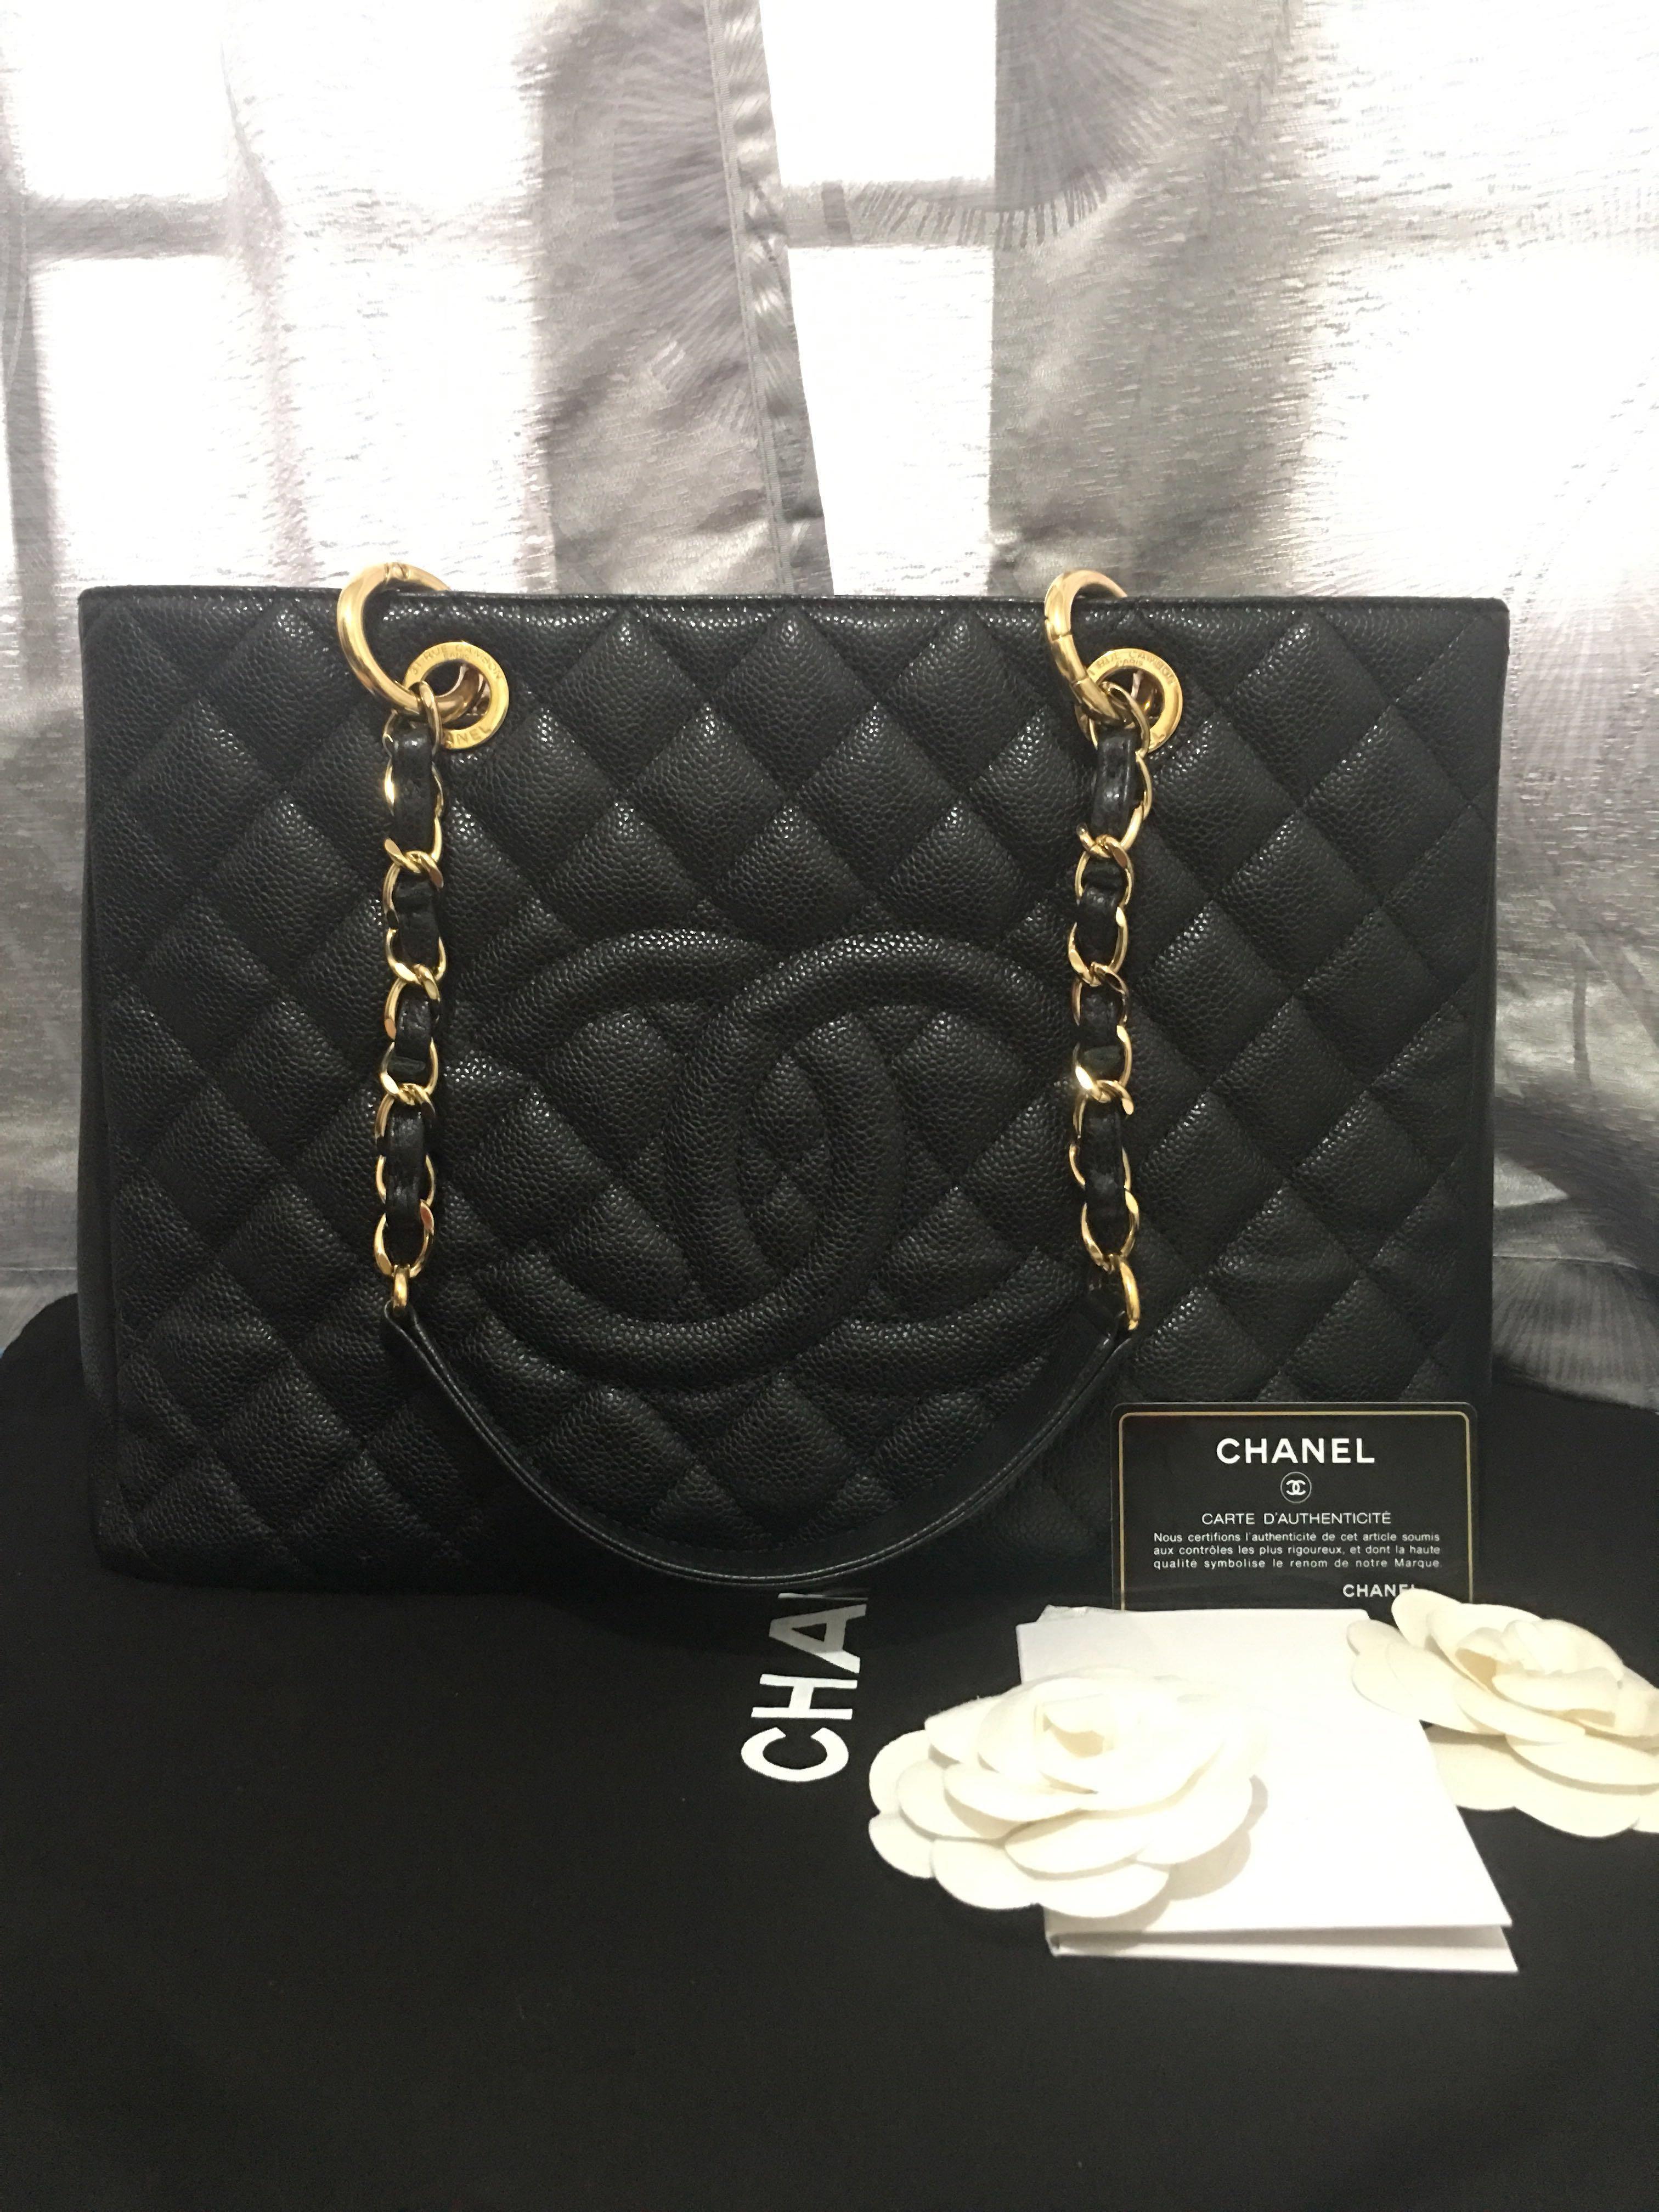 288e88f1e4d3 Chanel GST Caviar